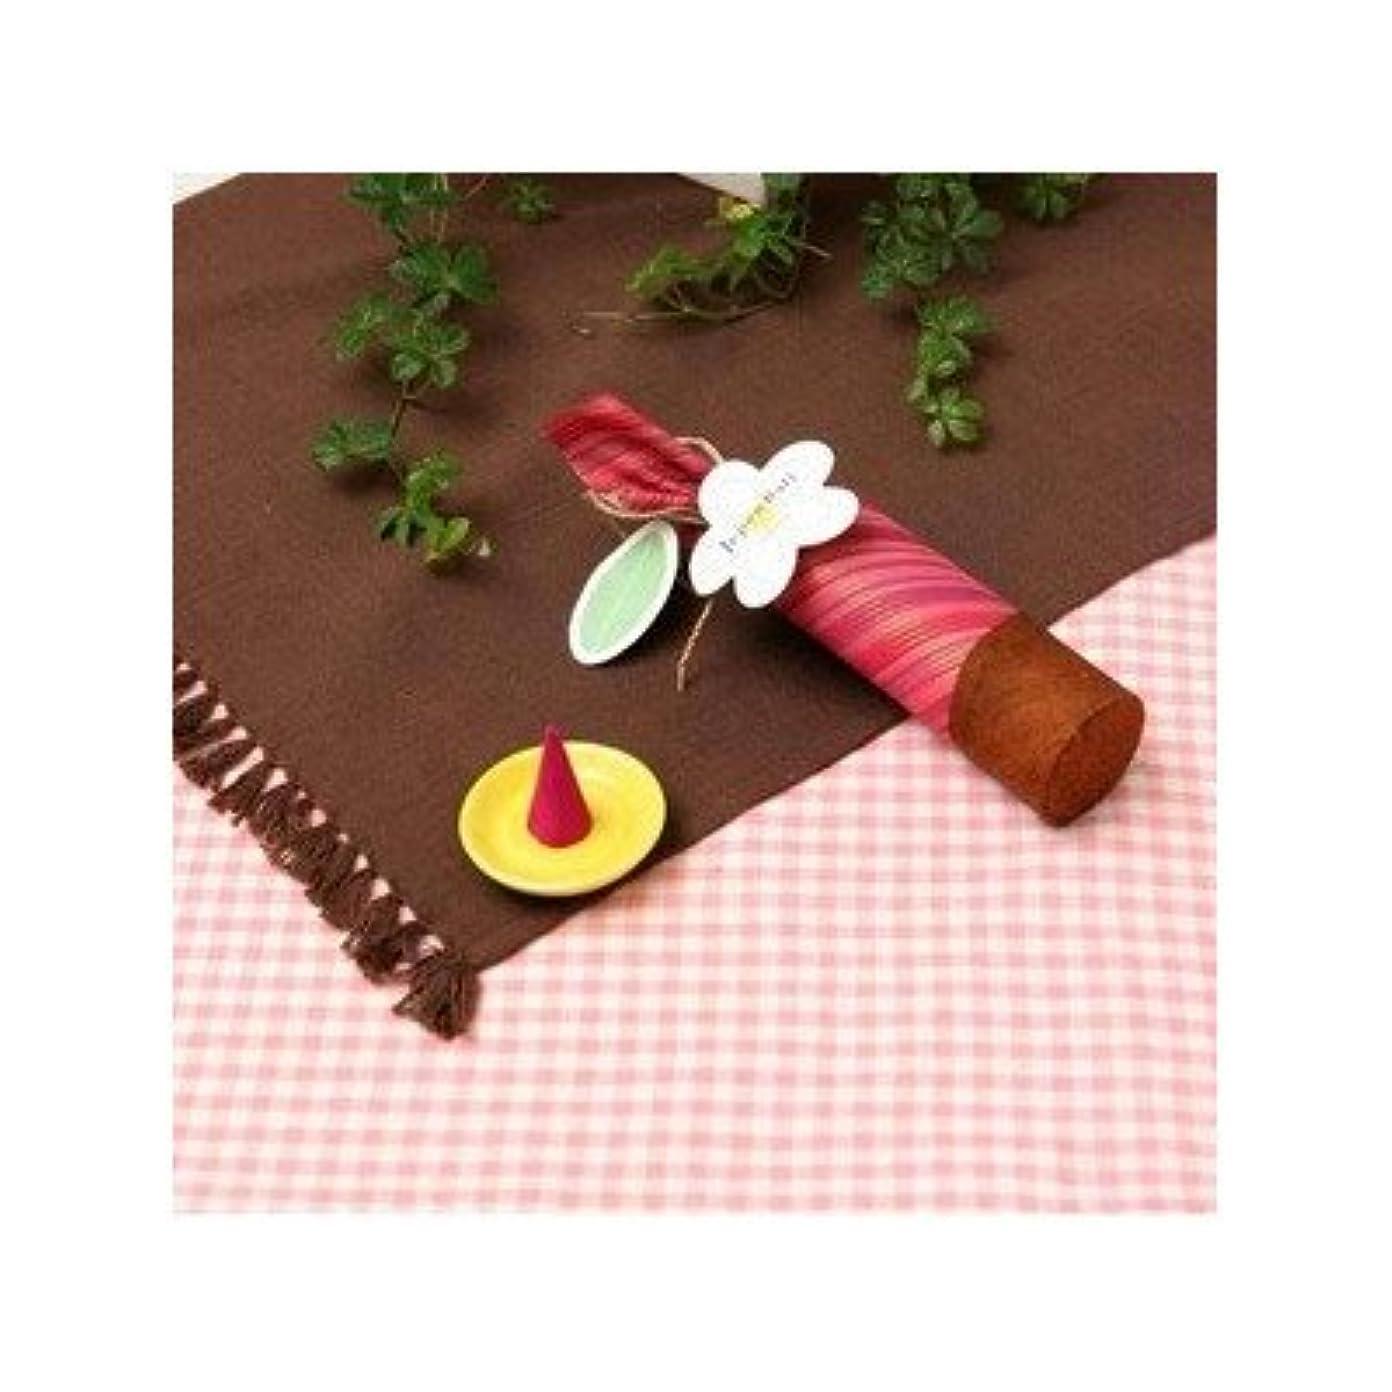 スイス人みなす針お香/インセンス 〔桜の香り コーンタイプ10個入り〕 バリ島製 「Jupen Bari ジュプンバリ」[通販用梱包品]